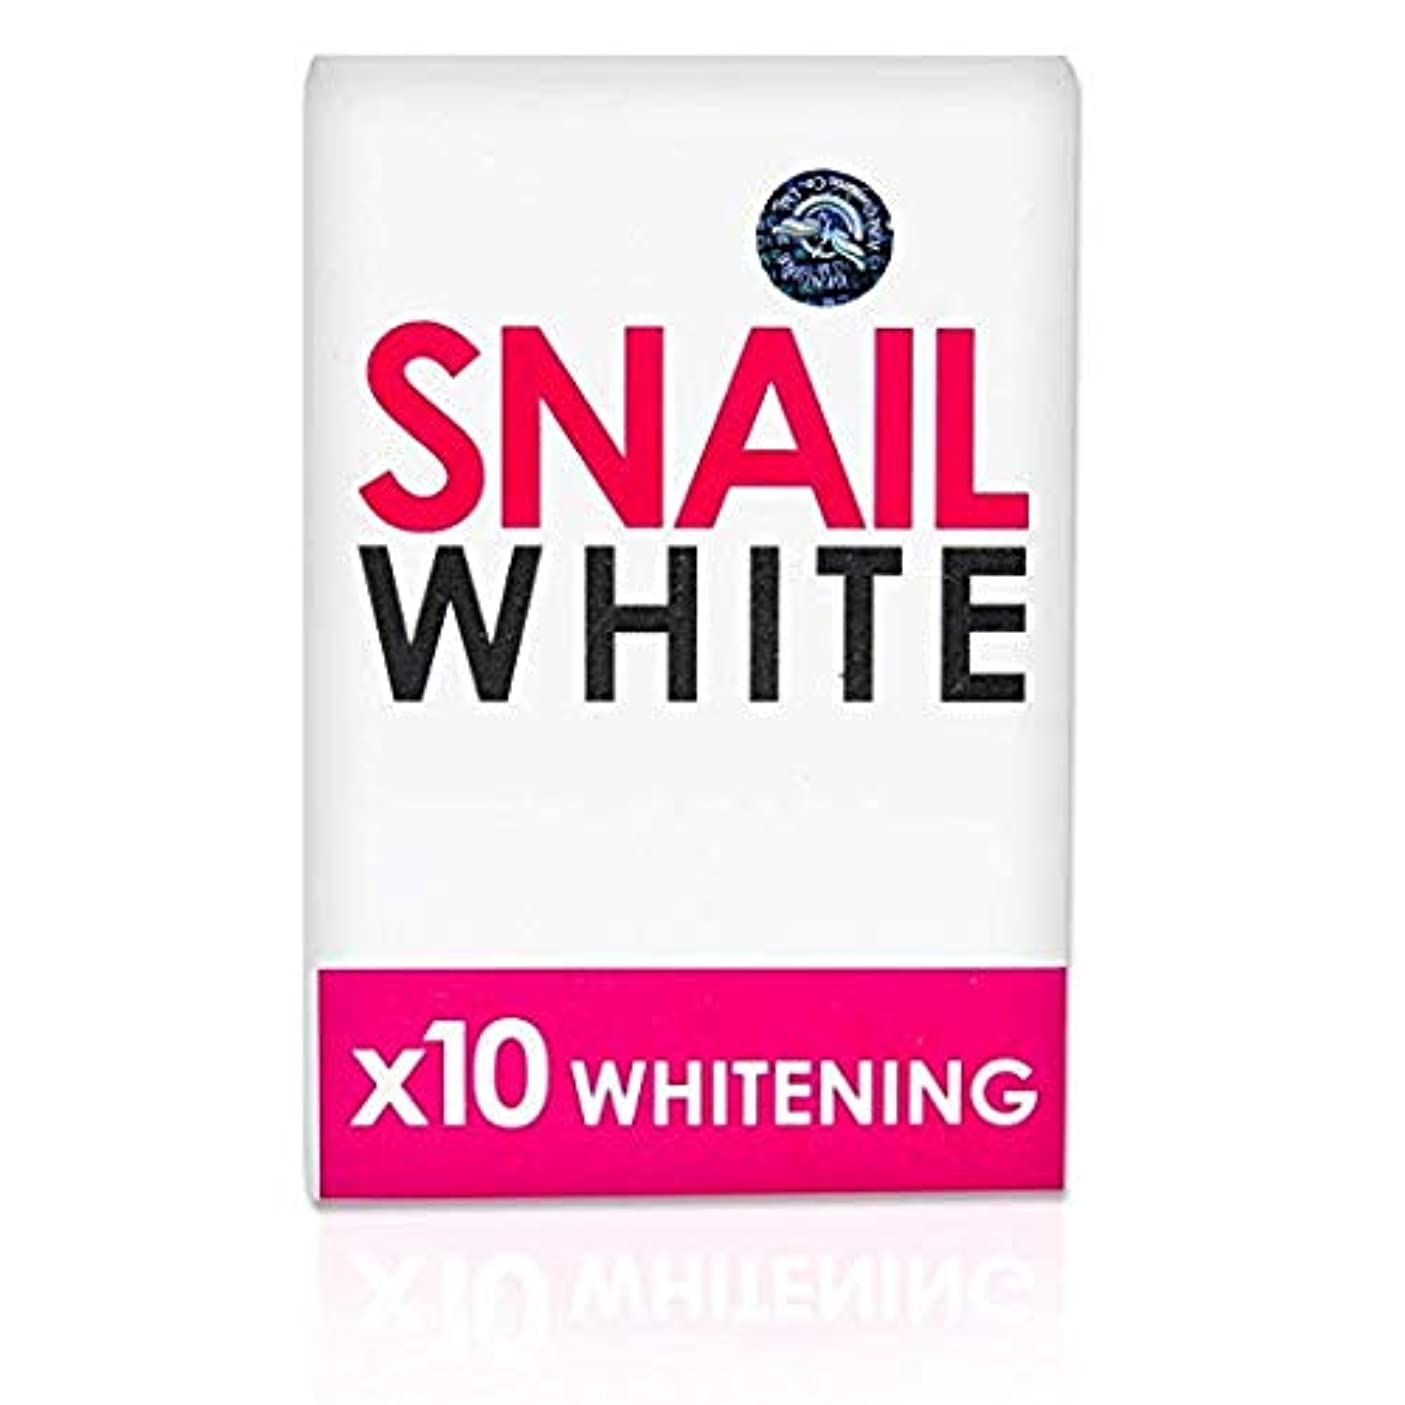 敬の念書士感謝しているスネイルホワイト Gluta Snail White x10 Whitening by Dream ホワイトニング 固形石鹸 2個